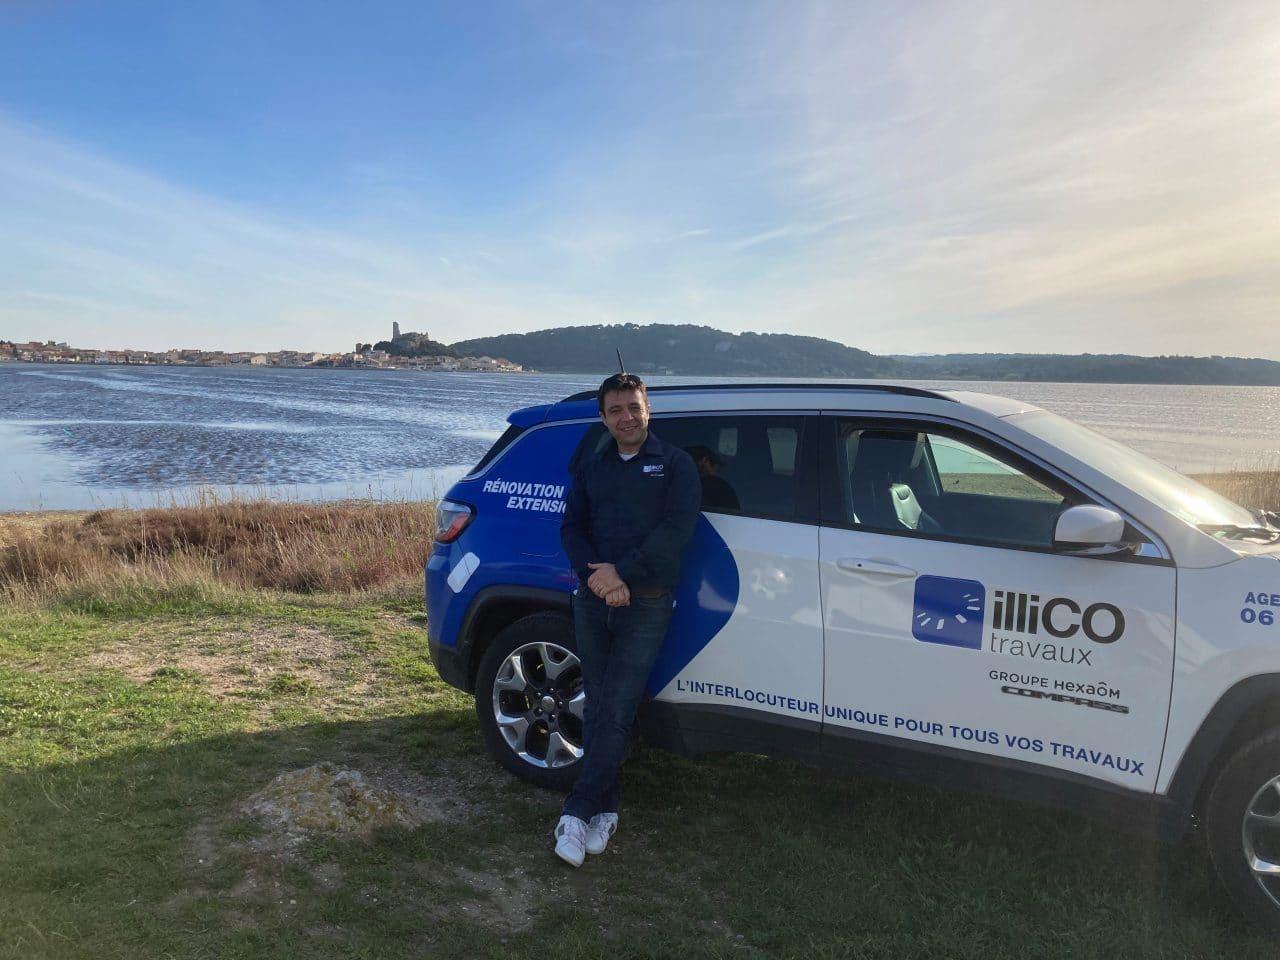 Sébastien Rodriguez responsable de l'agence locale illiCO travaux Narbonne